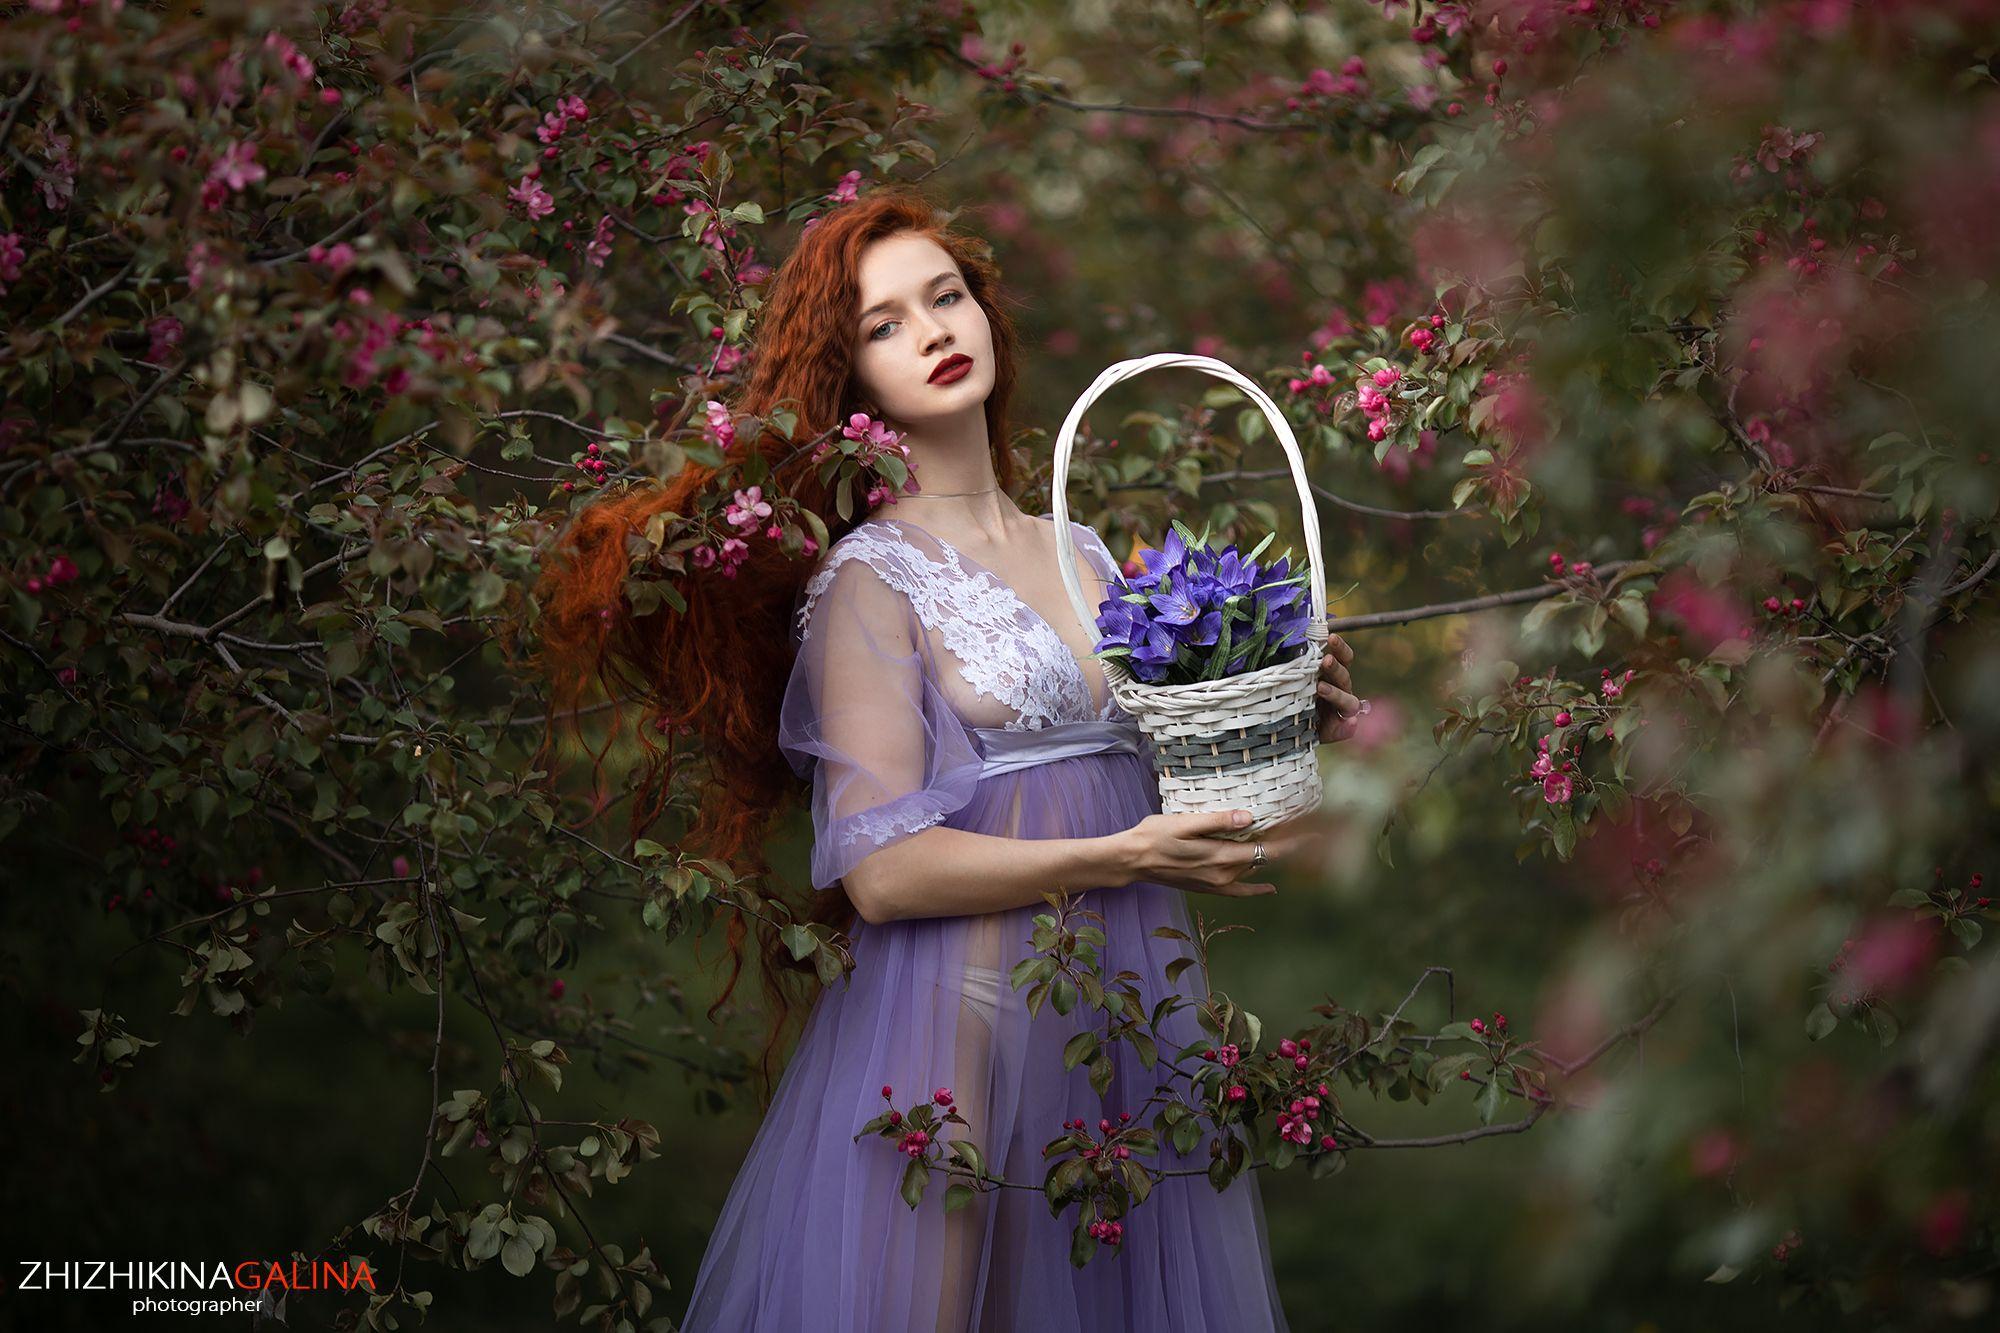 девушка, цветы, цветение, рыжая, длинные волосы, портрет, лицо, природа, girl, face, portrait, flowers, Галина Жижикина